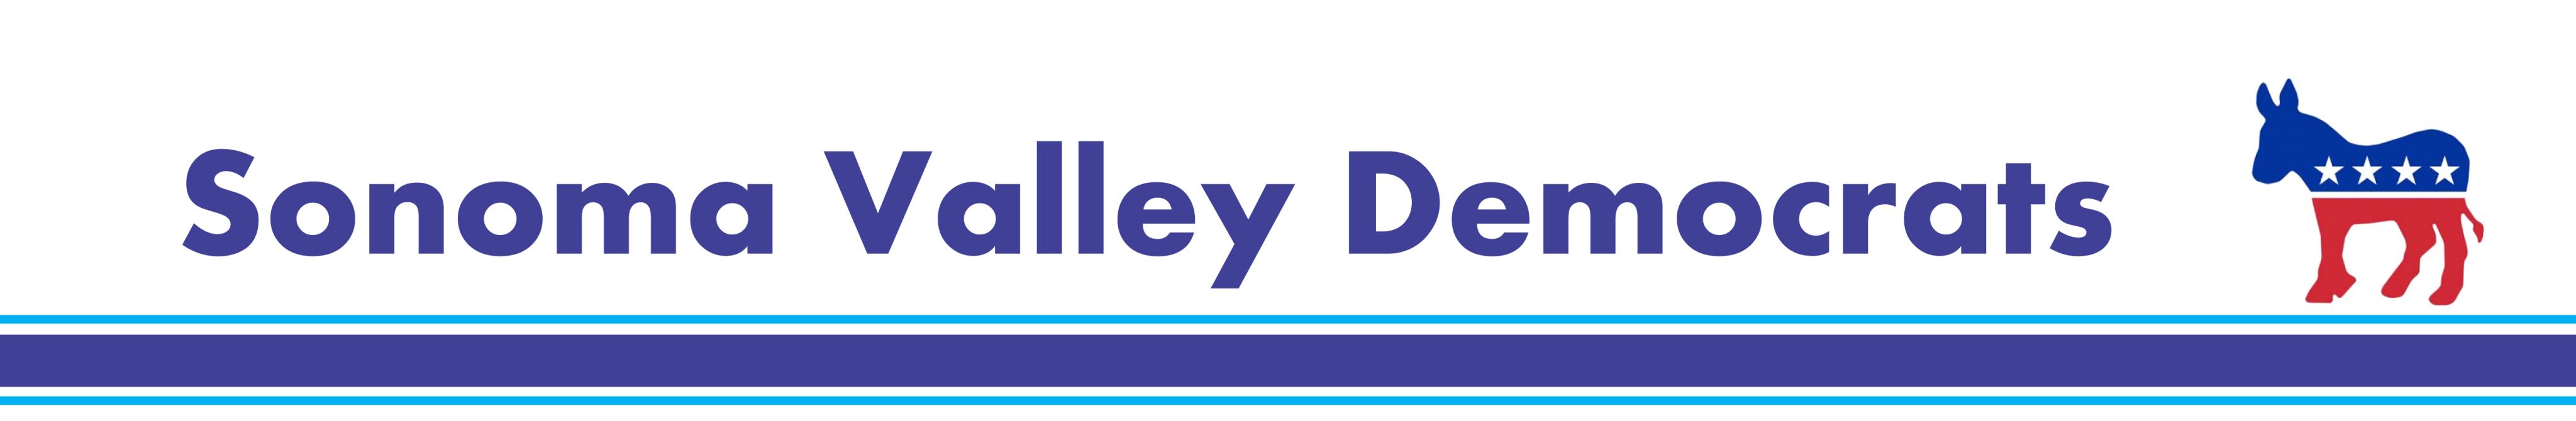 Sonoma Valley Democrats